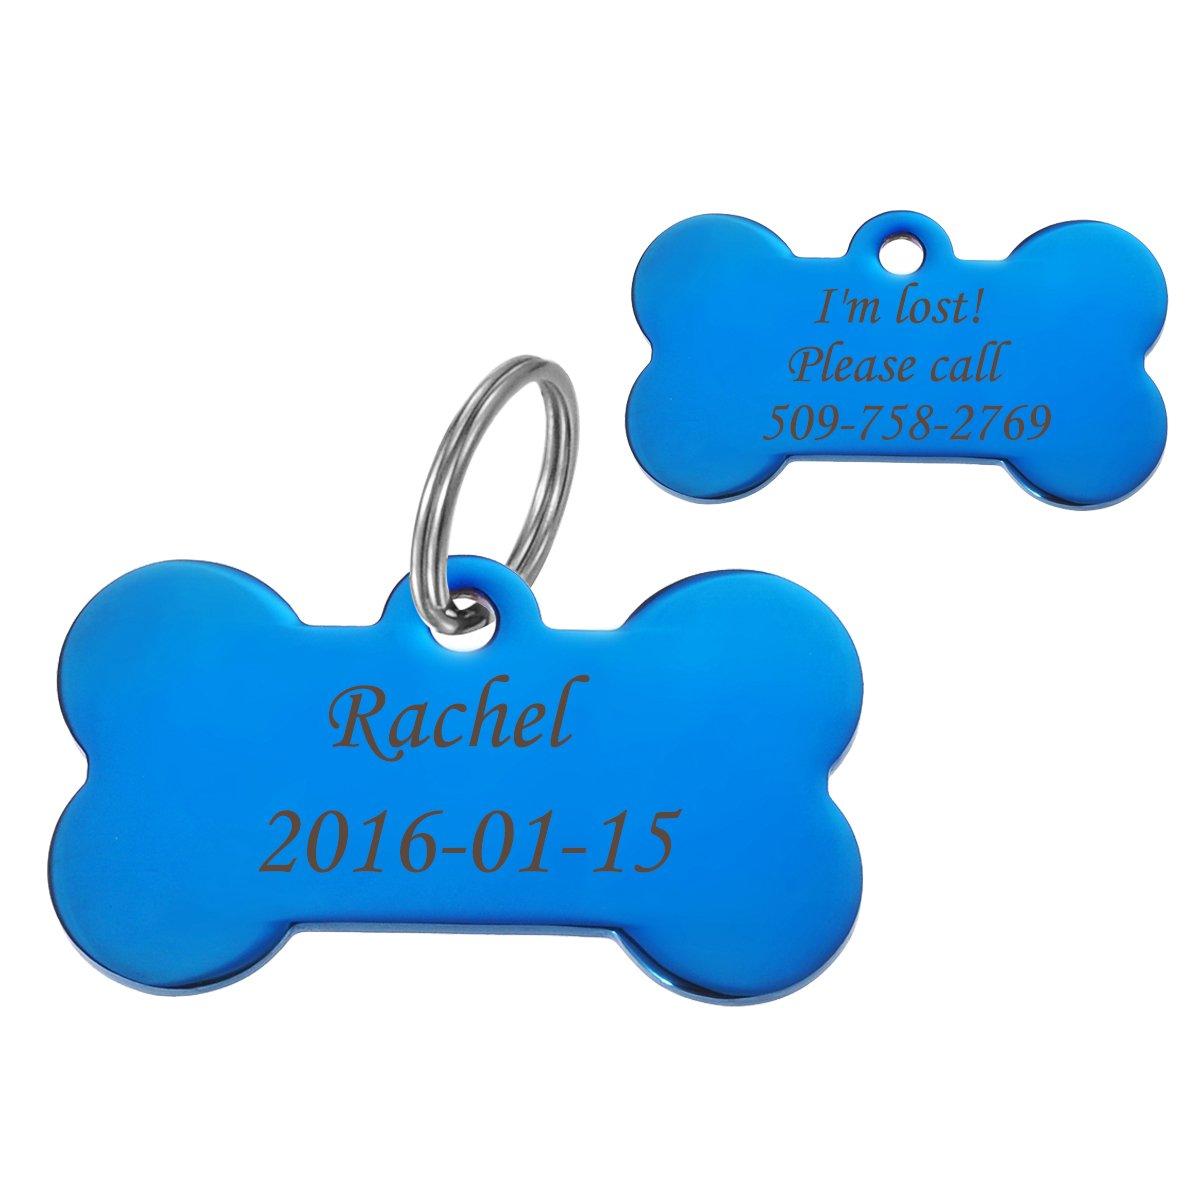 HooAMI Médaille Chien Chat Identification Gravure Personnalisé Prénom Adresse Tel en Acier Inoxydable avec Service Gratuit de Gravure 3.5x1.5cm Best-shopping